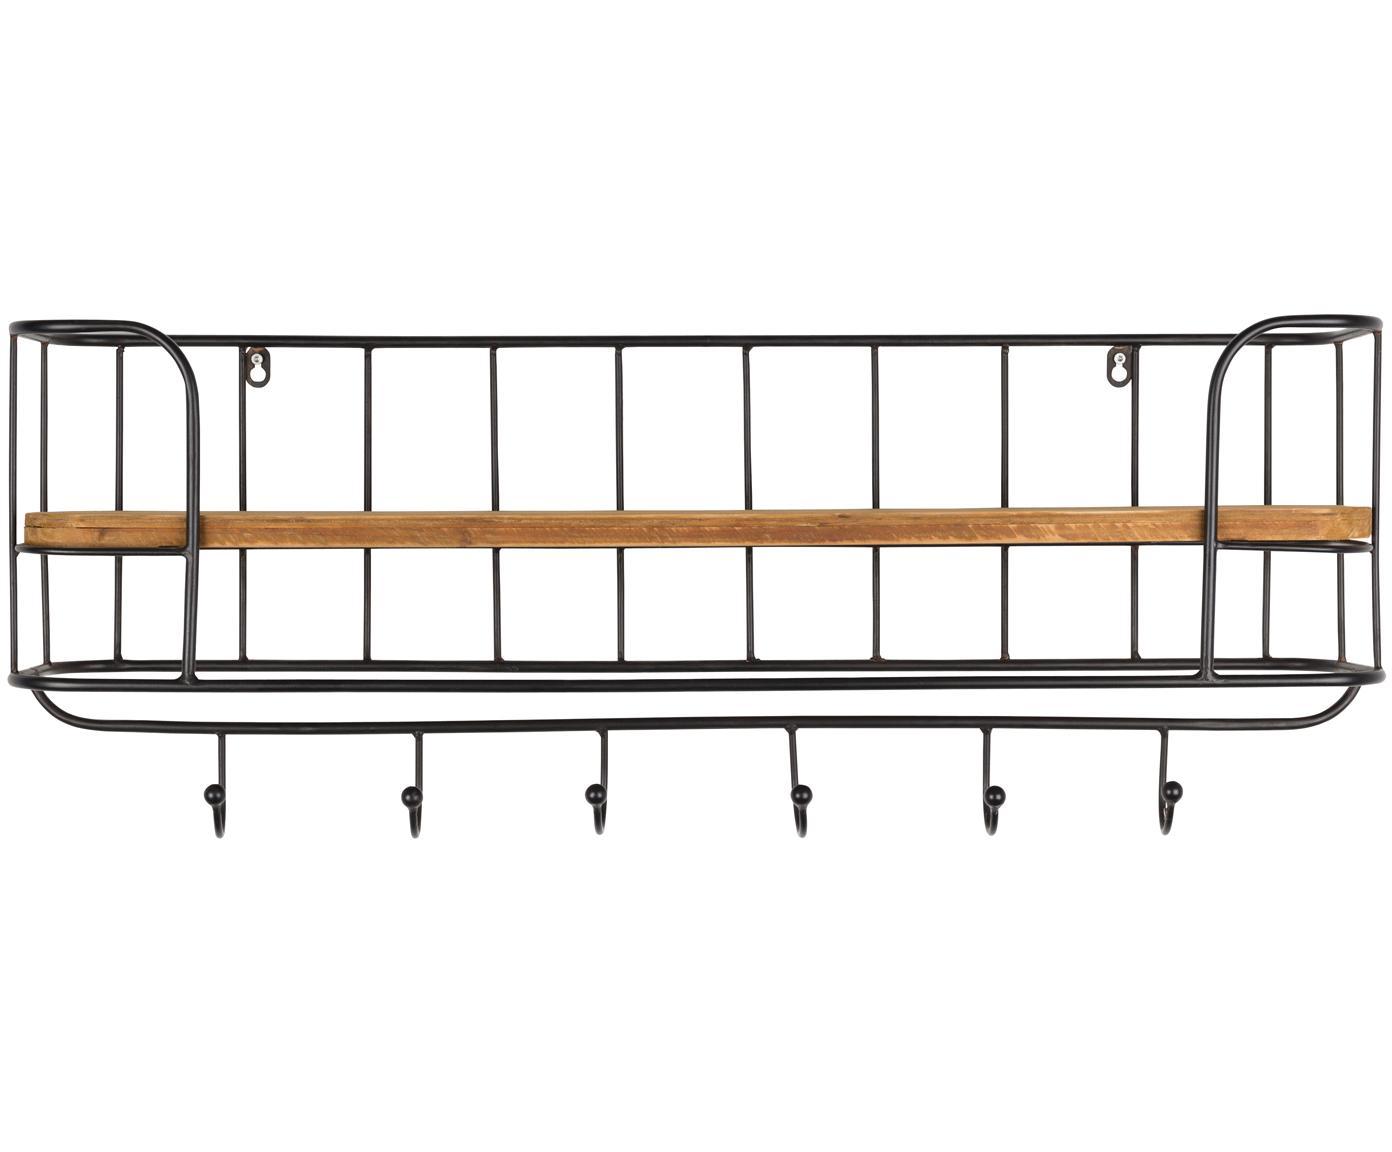 Mensola a muro con ganciStack, Struttura: metallo verniciato, Ripiano: legno non trattato, Struttura: nero Ripiano: marrone, Larg. 85 x Alt. 32 cm